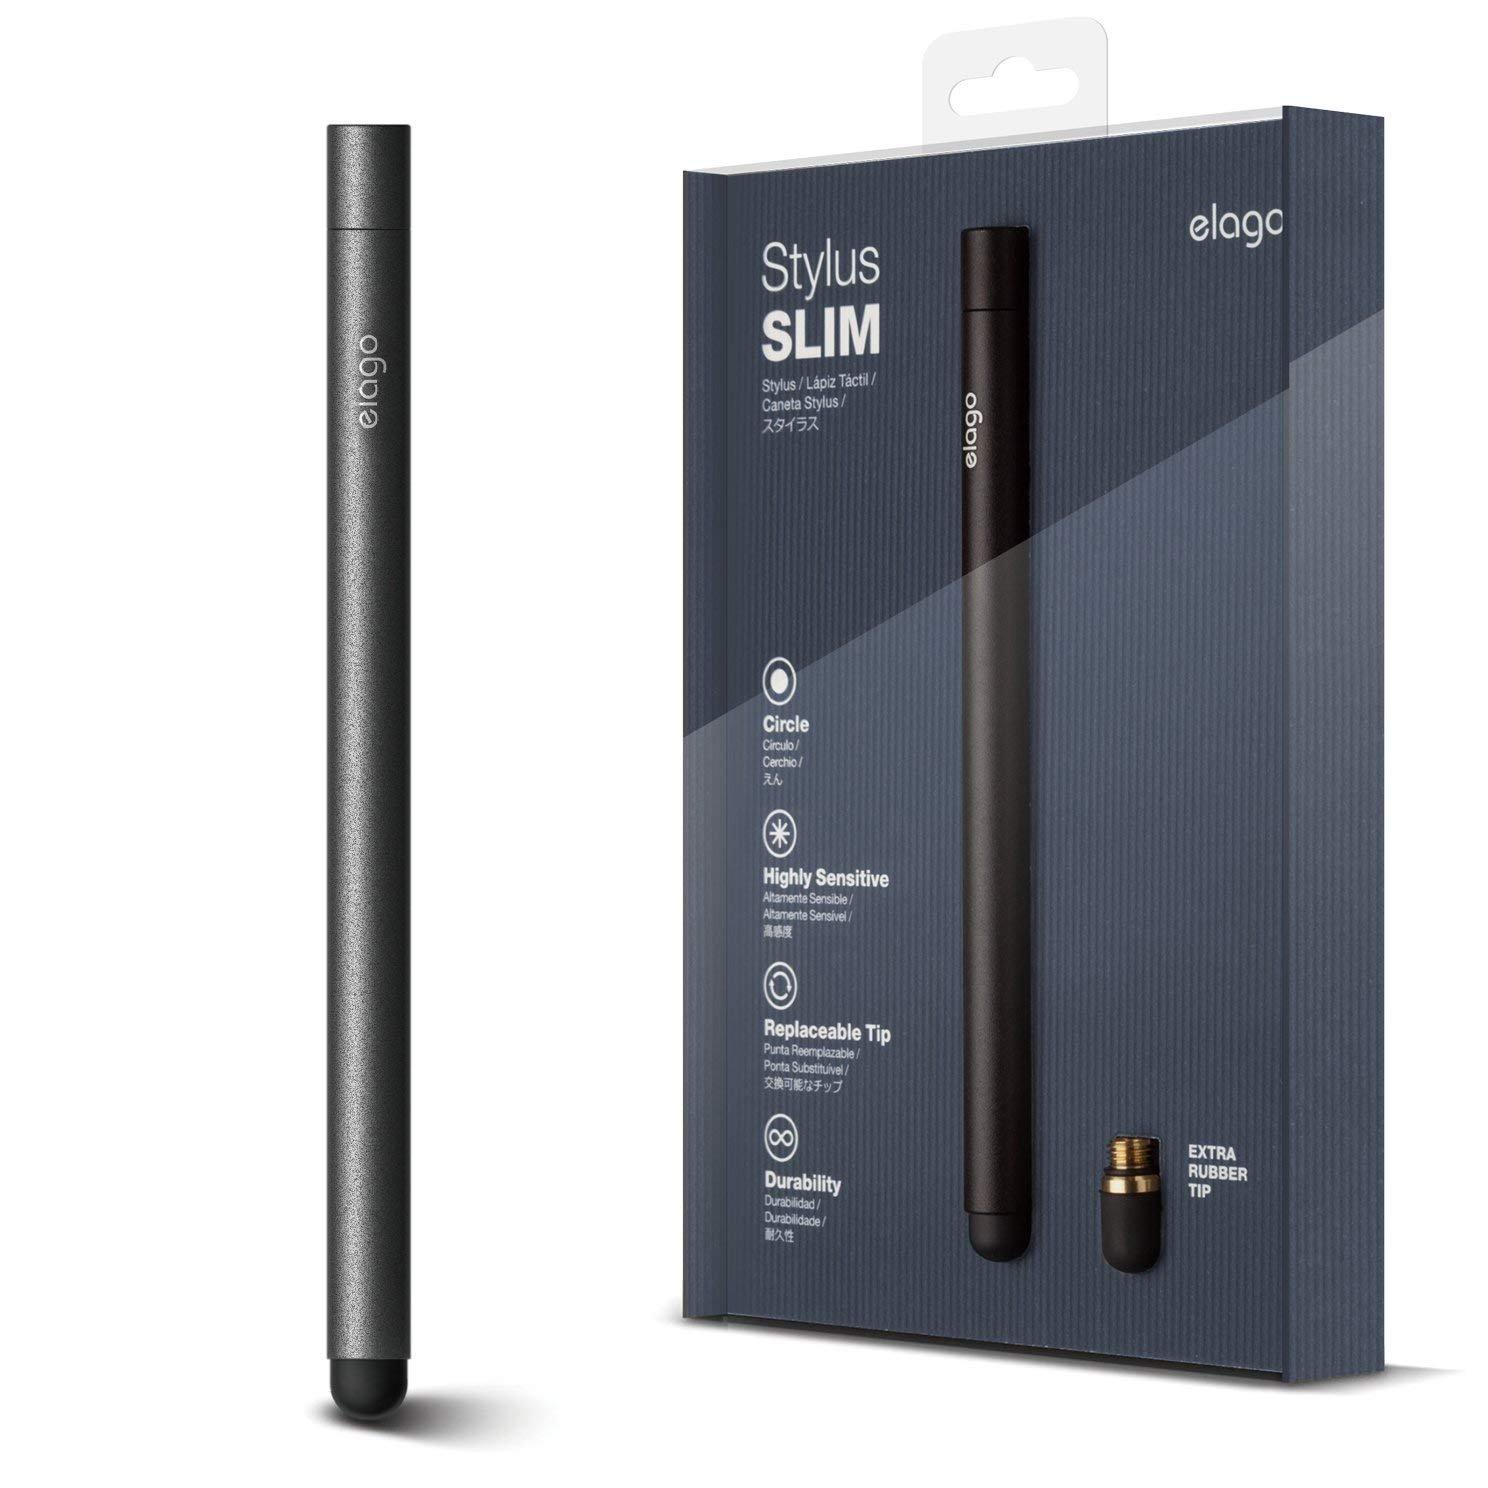 elago Stylus [Slim][Black] - [Premium Aluminum ][Replaceable Tip][Extra Tip Included] - for iPad, iPad Pro, iPad Mini and iPhone